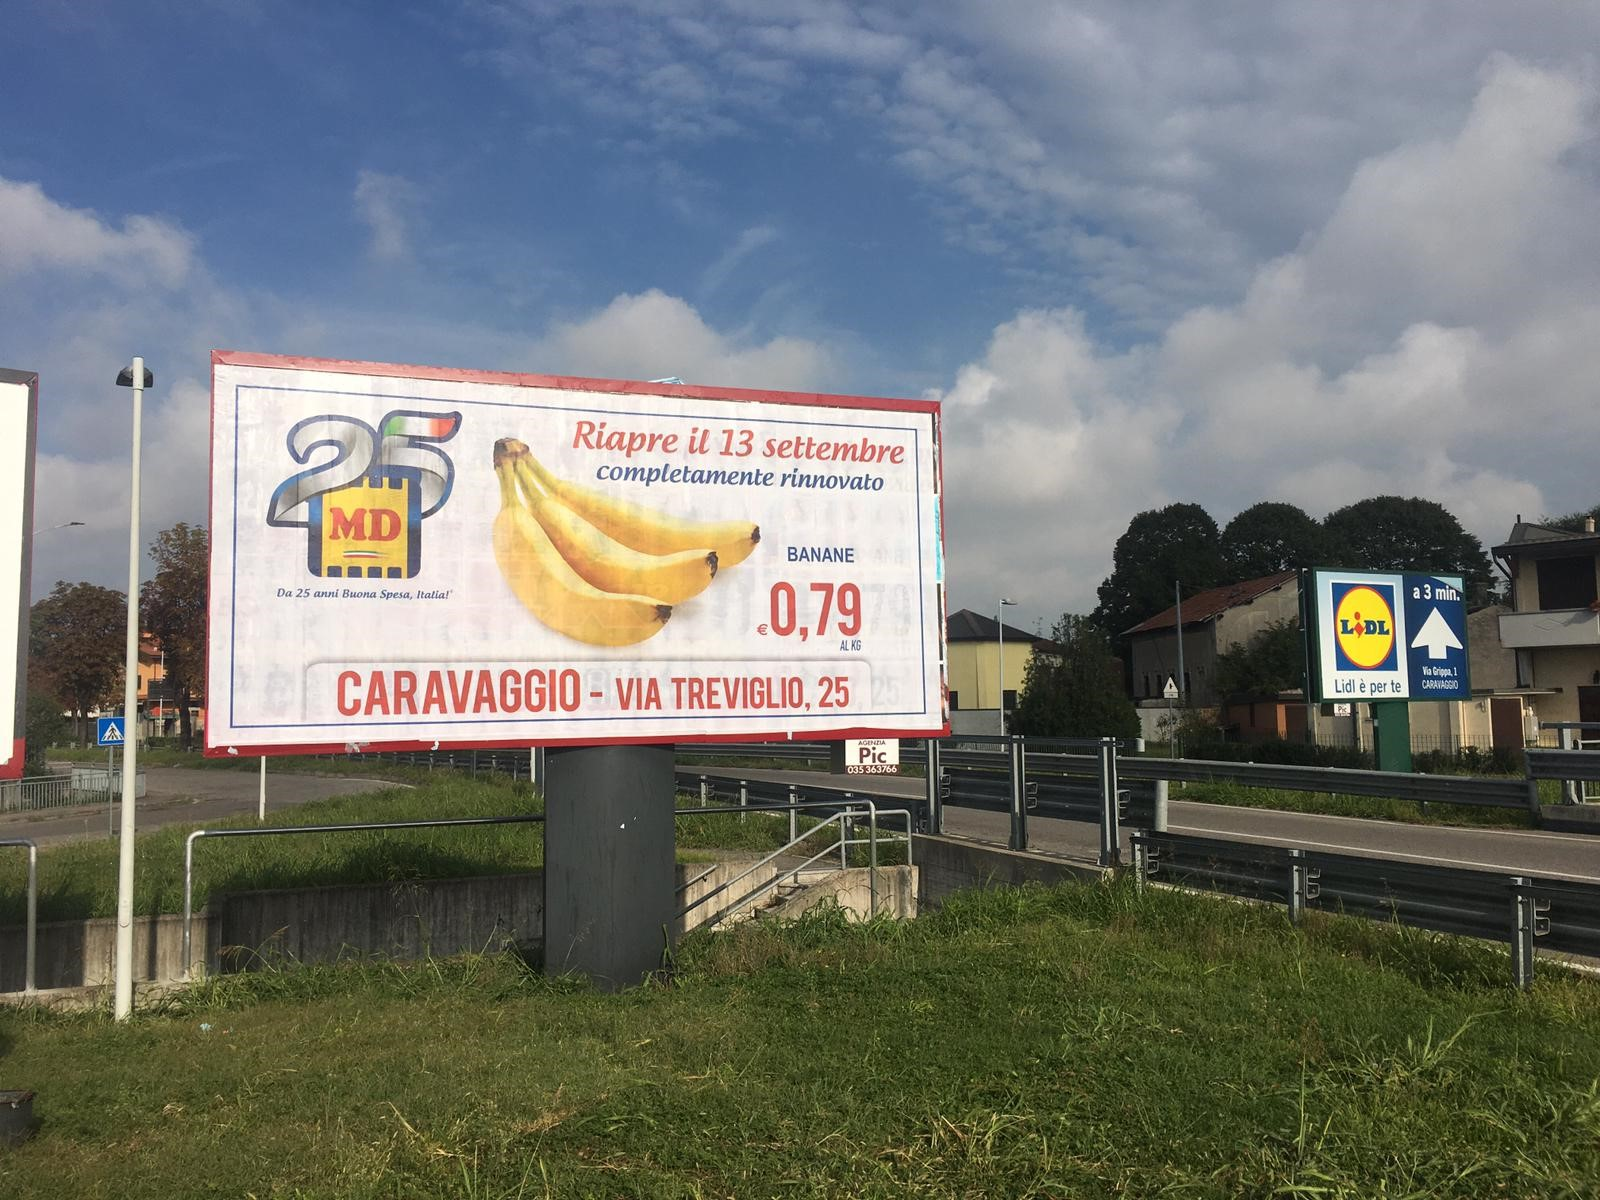 Affissione MD Caravaggio - Pubbliarea